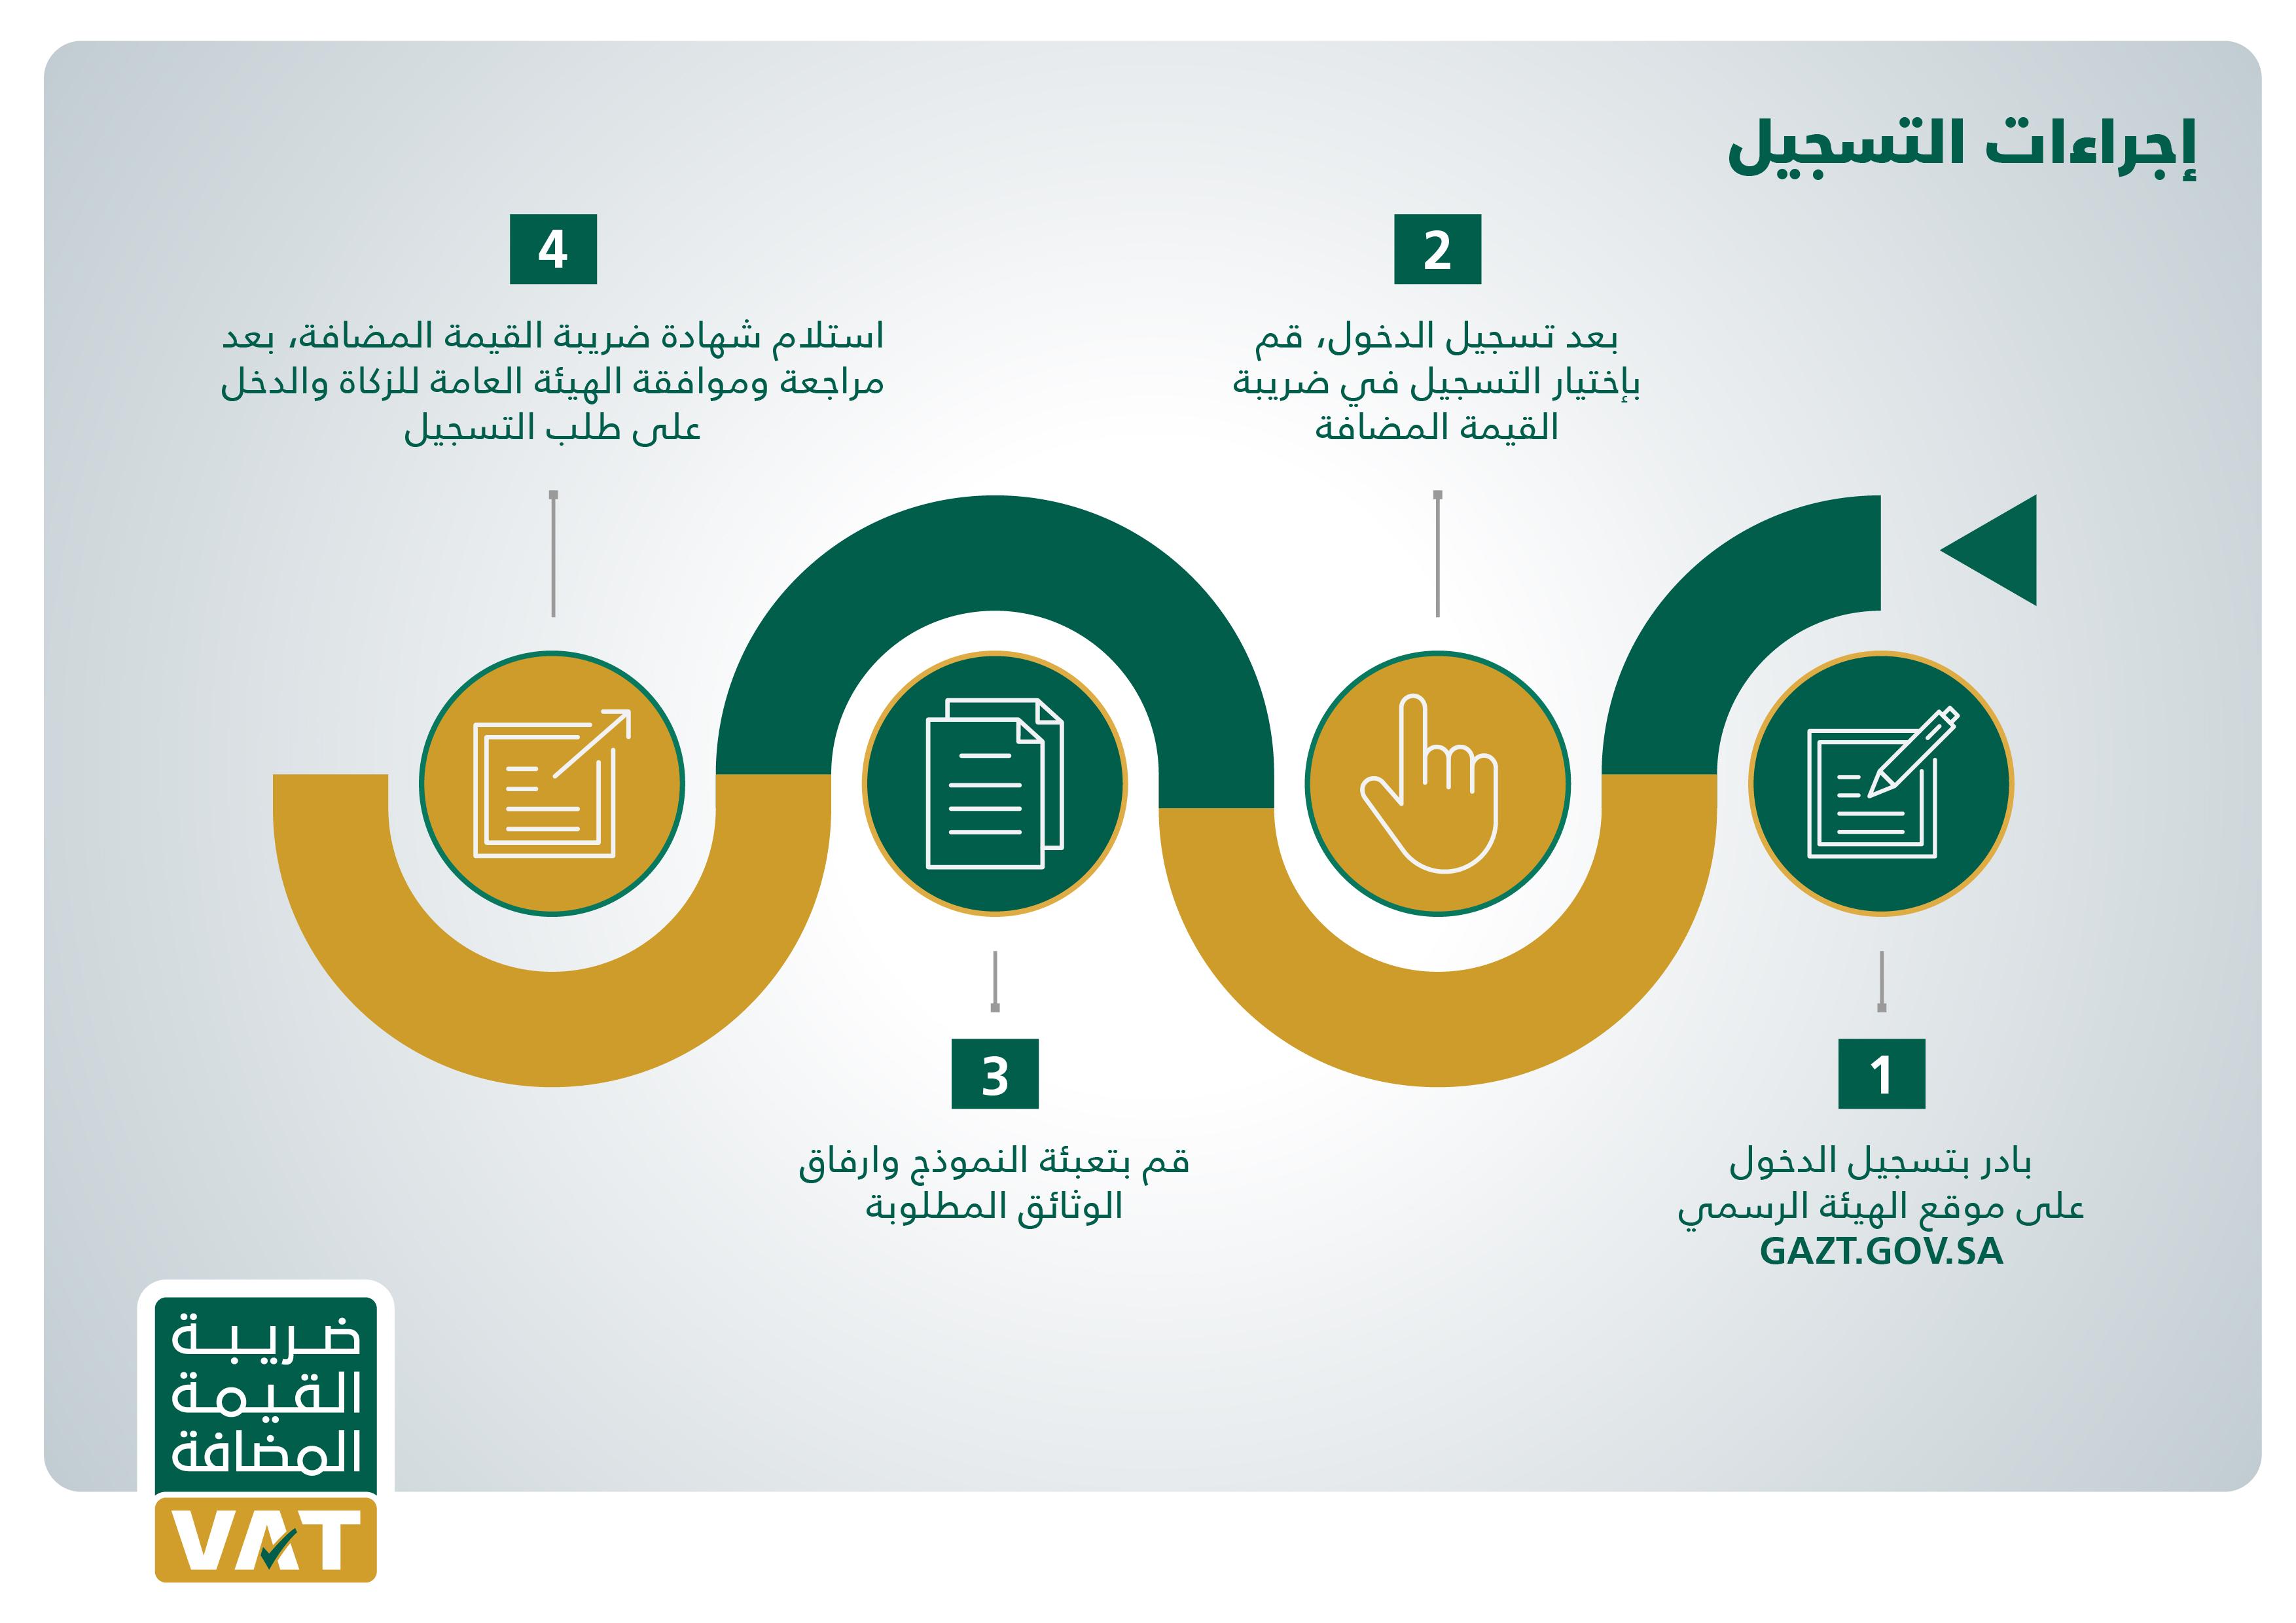 نتيجة بحث الصور عن تطبيق الضريبة المضافة السعودية